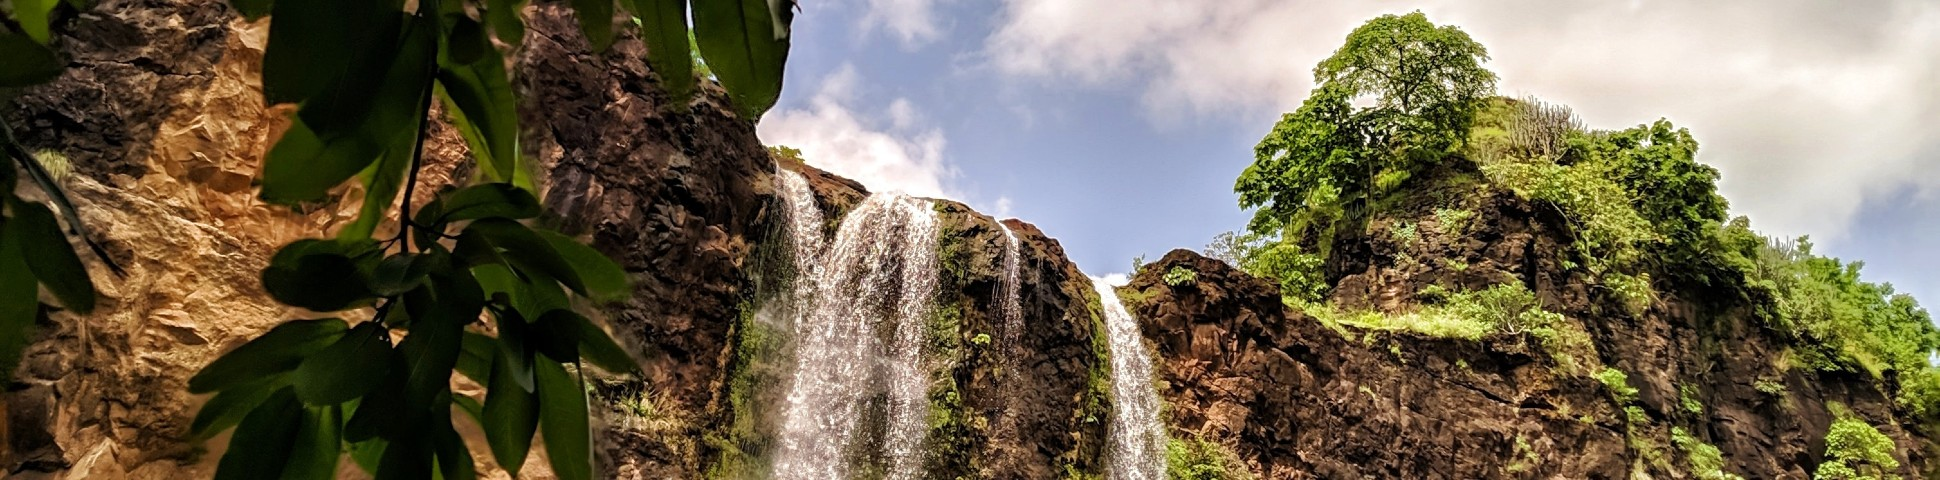 Waterfalls in Madhya Pradesh (India)